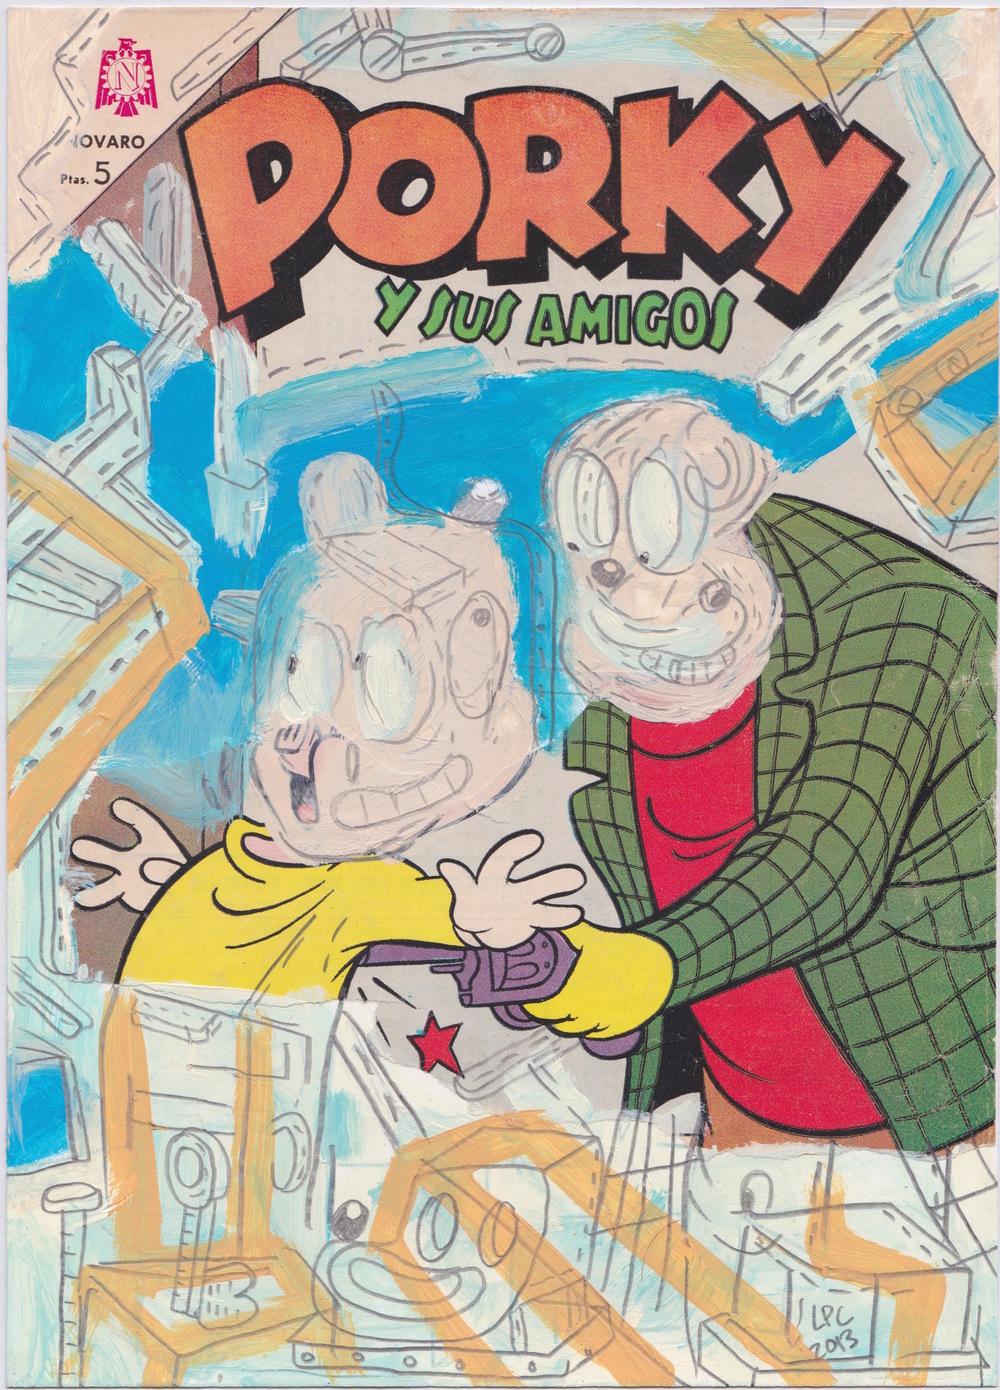 LPC_porky y su amigo.jpeg